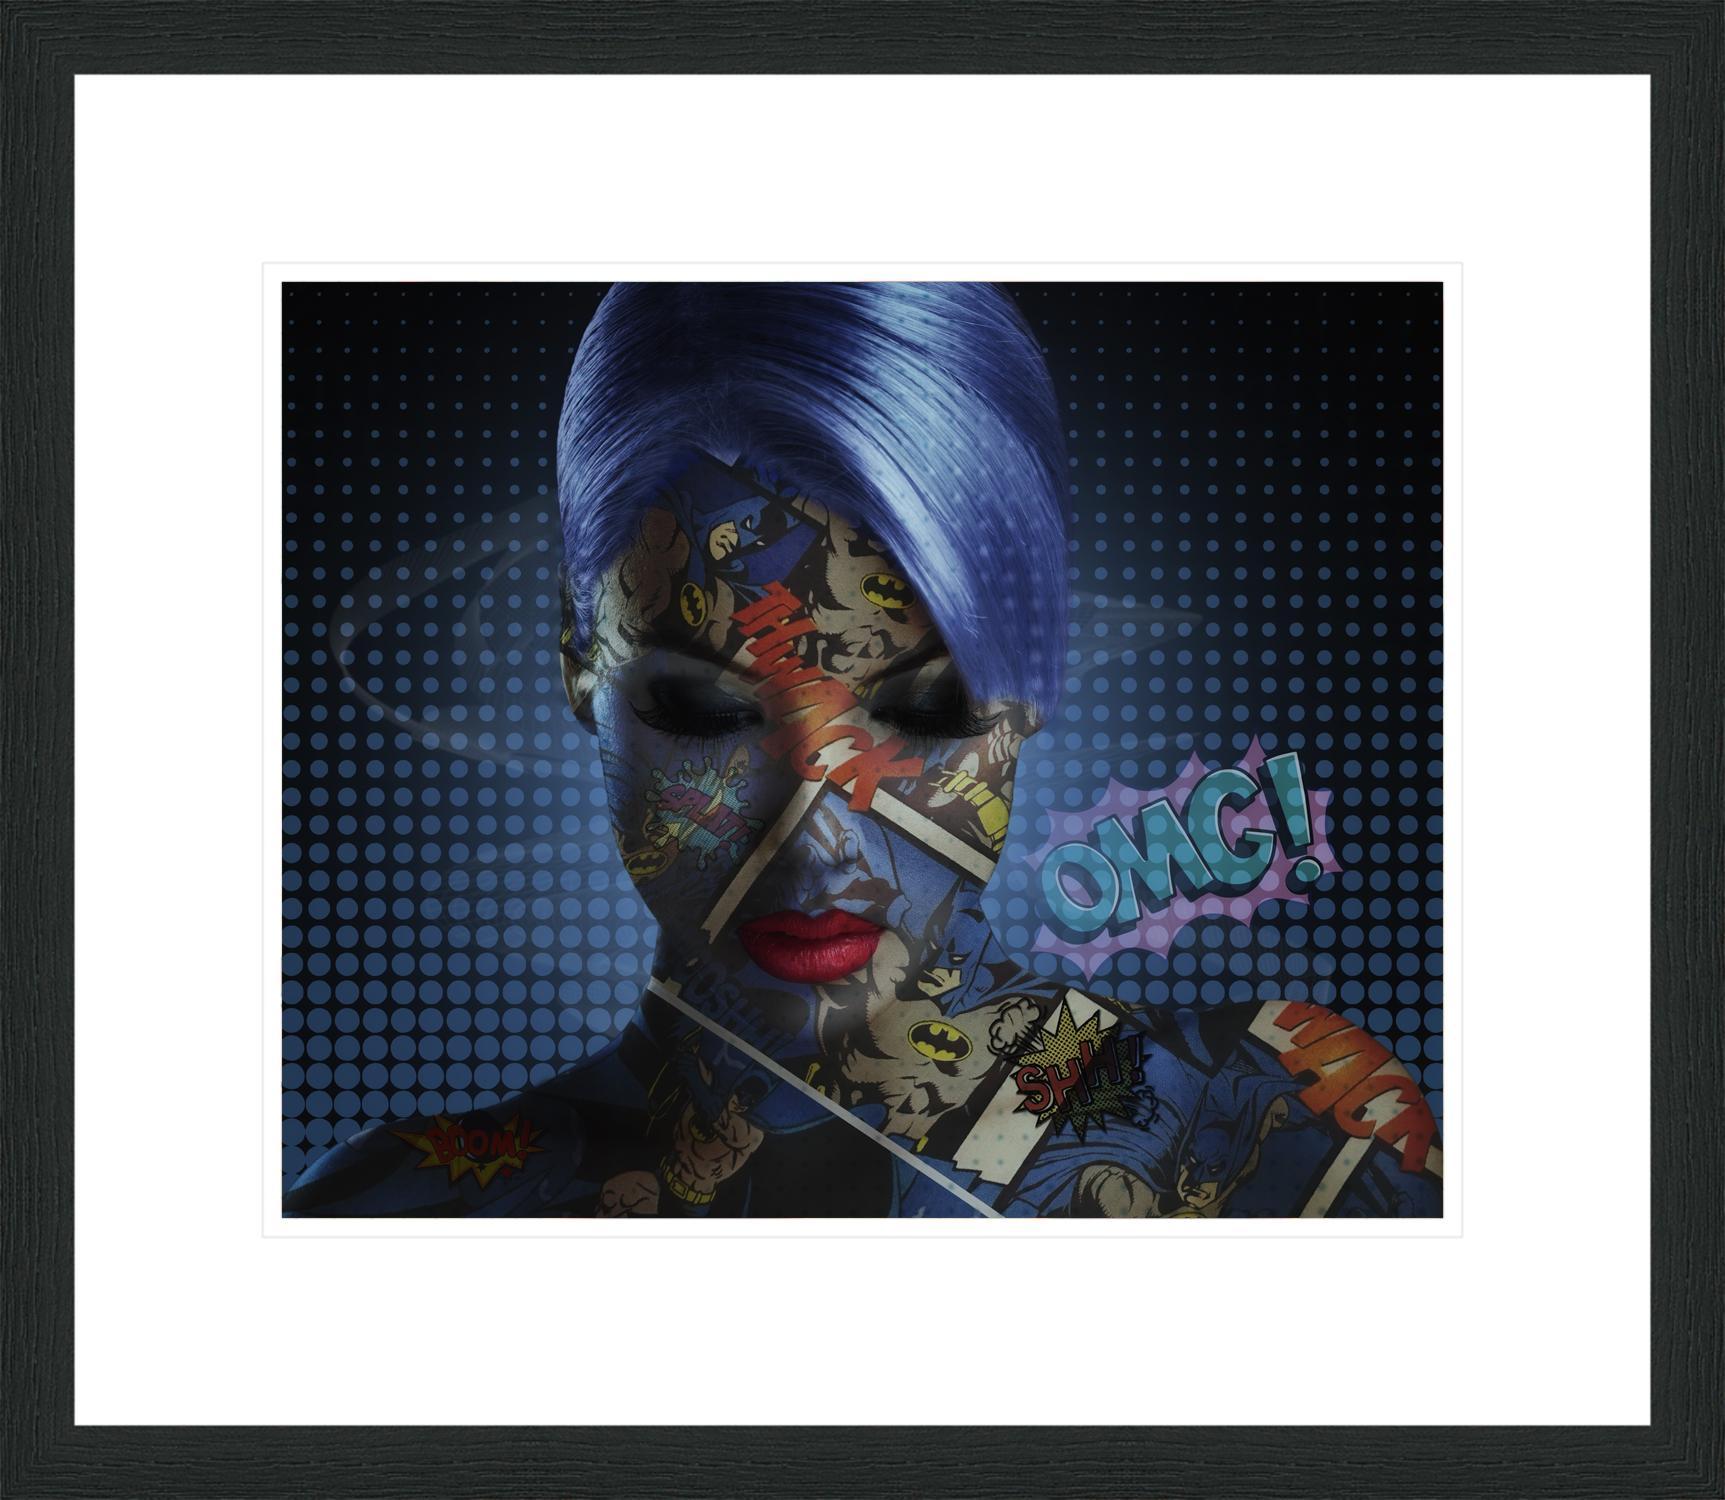 BatGirl - Framed Ed.